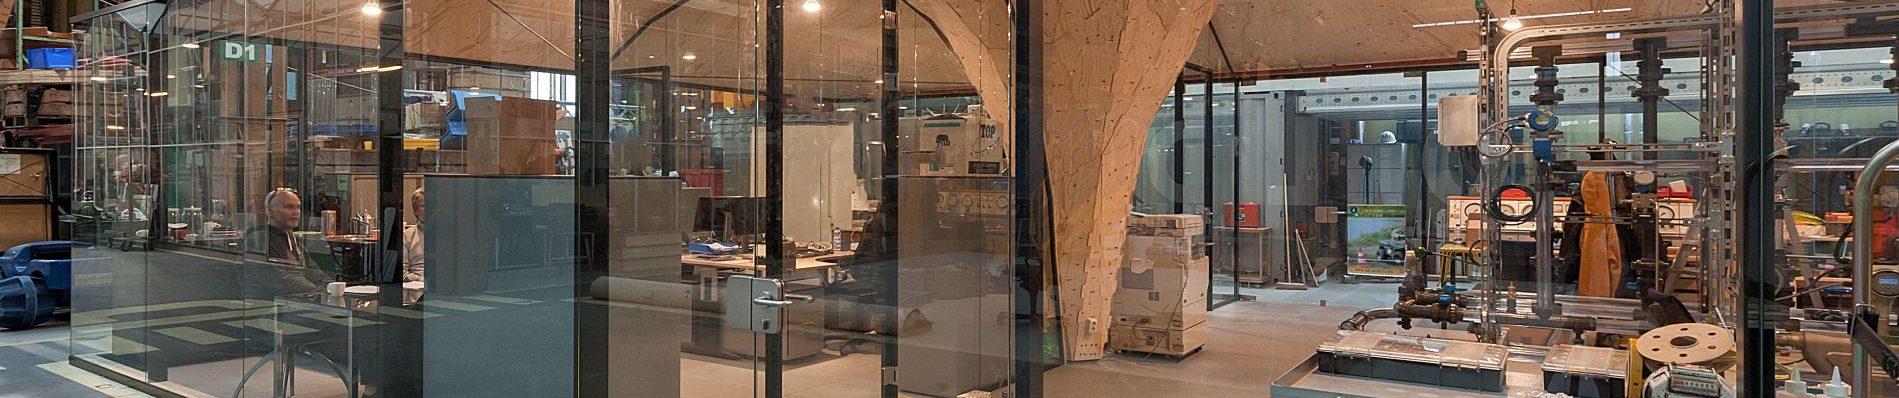 glaswanden voor Studio RAP, Rotterdam